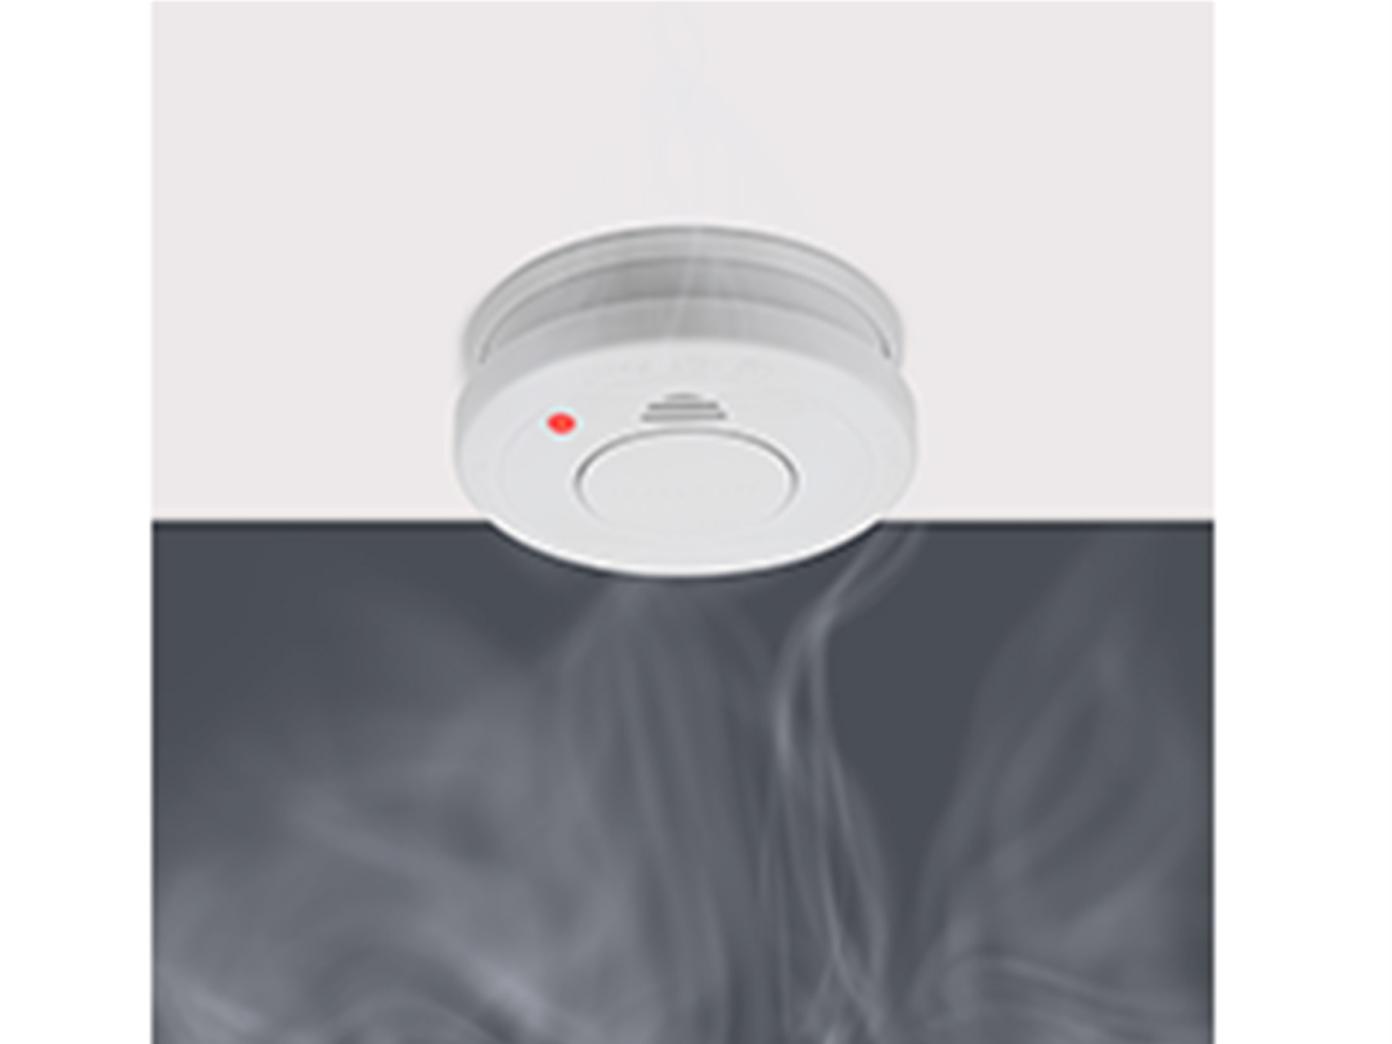 Rauchmelder mit 5 Jahres Batterie 85dB Alarmton für zuverlässigen Brandschutz